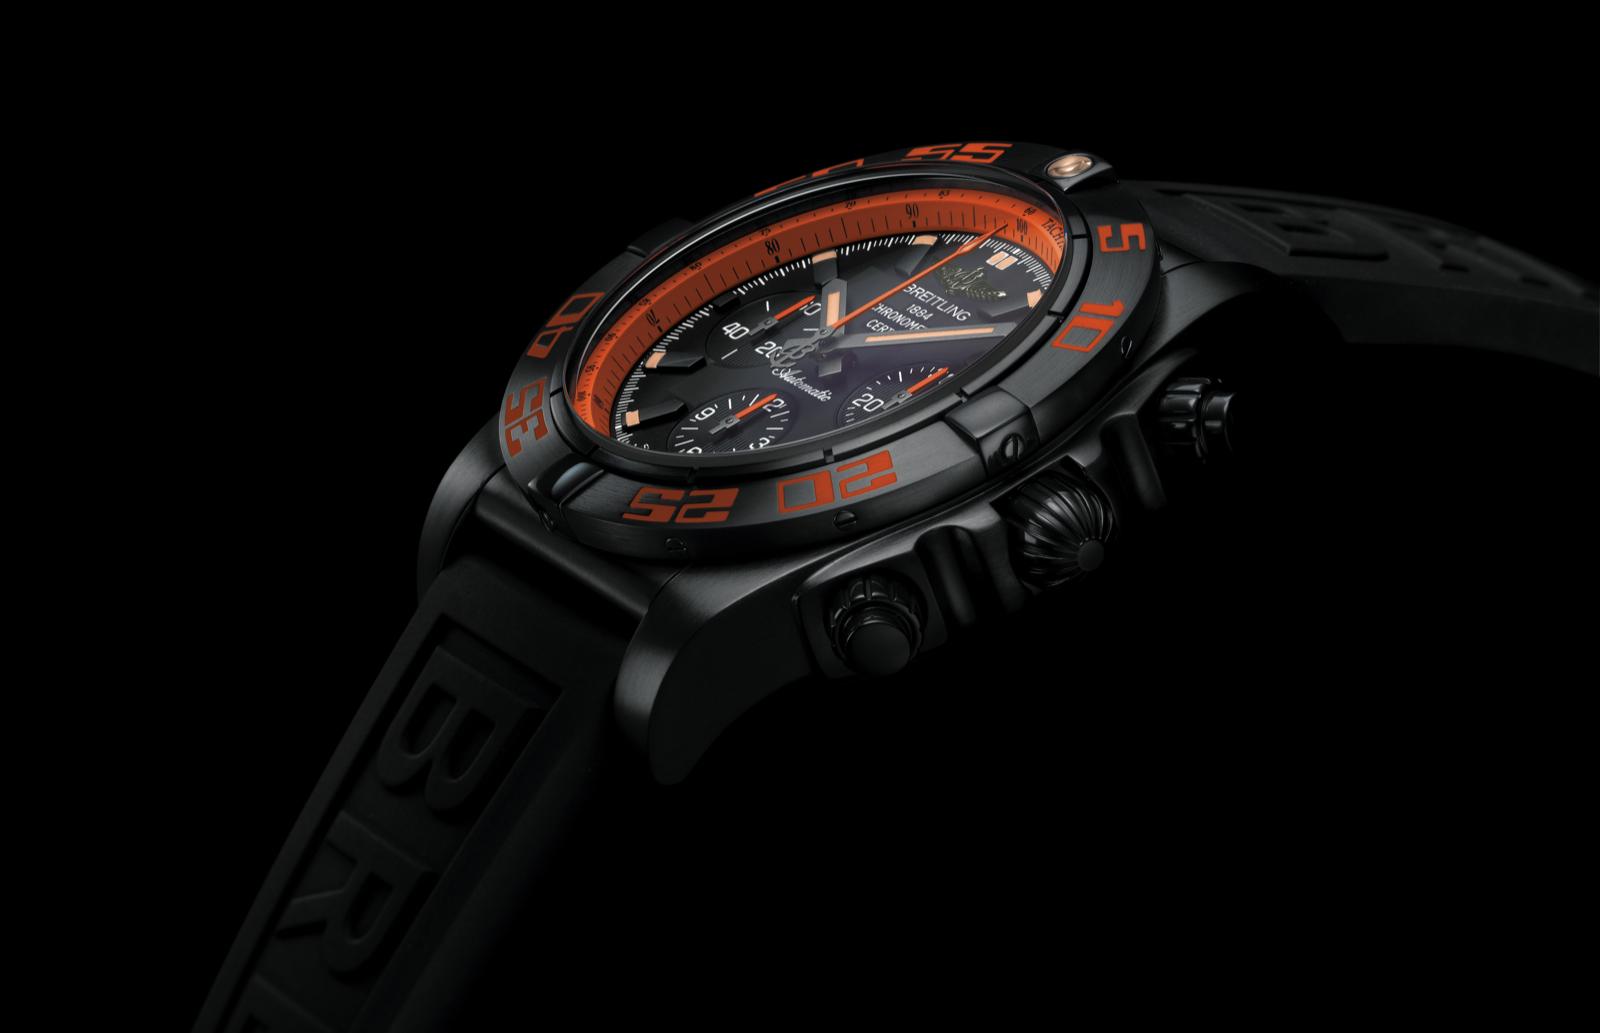 Naziv: Breitling-Chronomat-44-Raven-watches-satovi-1.jpg, pregleda: 888, veličina: 472,3 KB